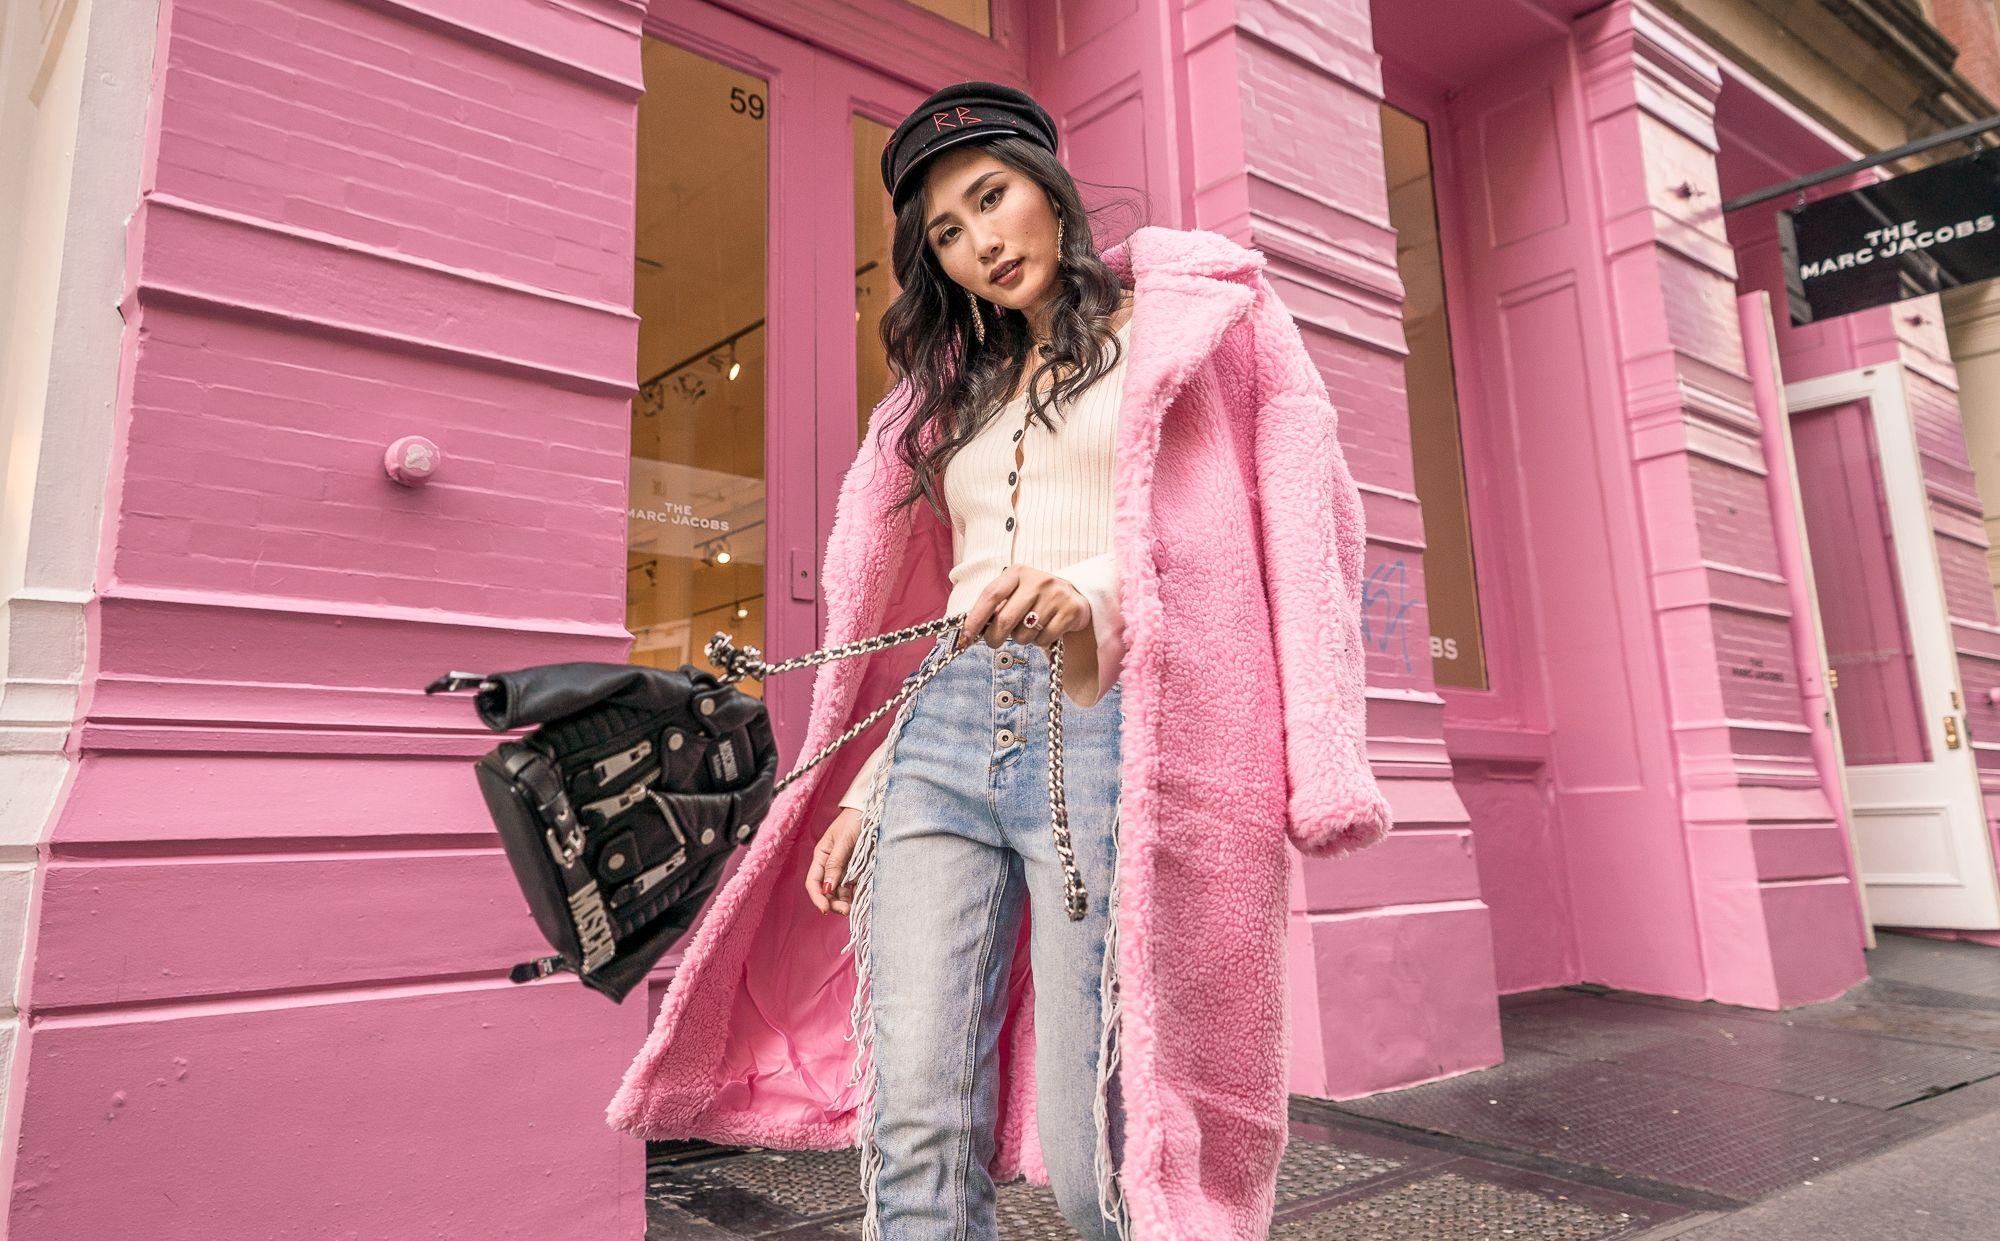 名人時尚地圖紐約篇:跟著旅遊部落客Tina Lee時髦玩紐約,私房逛街點、拍照打卡點通通有